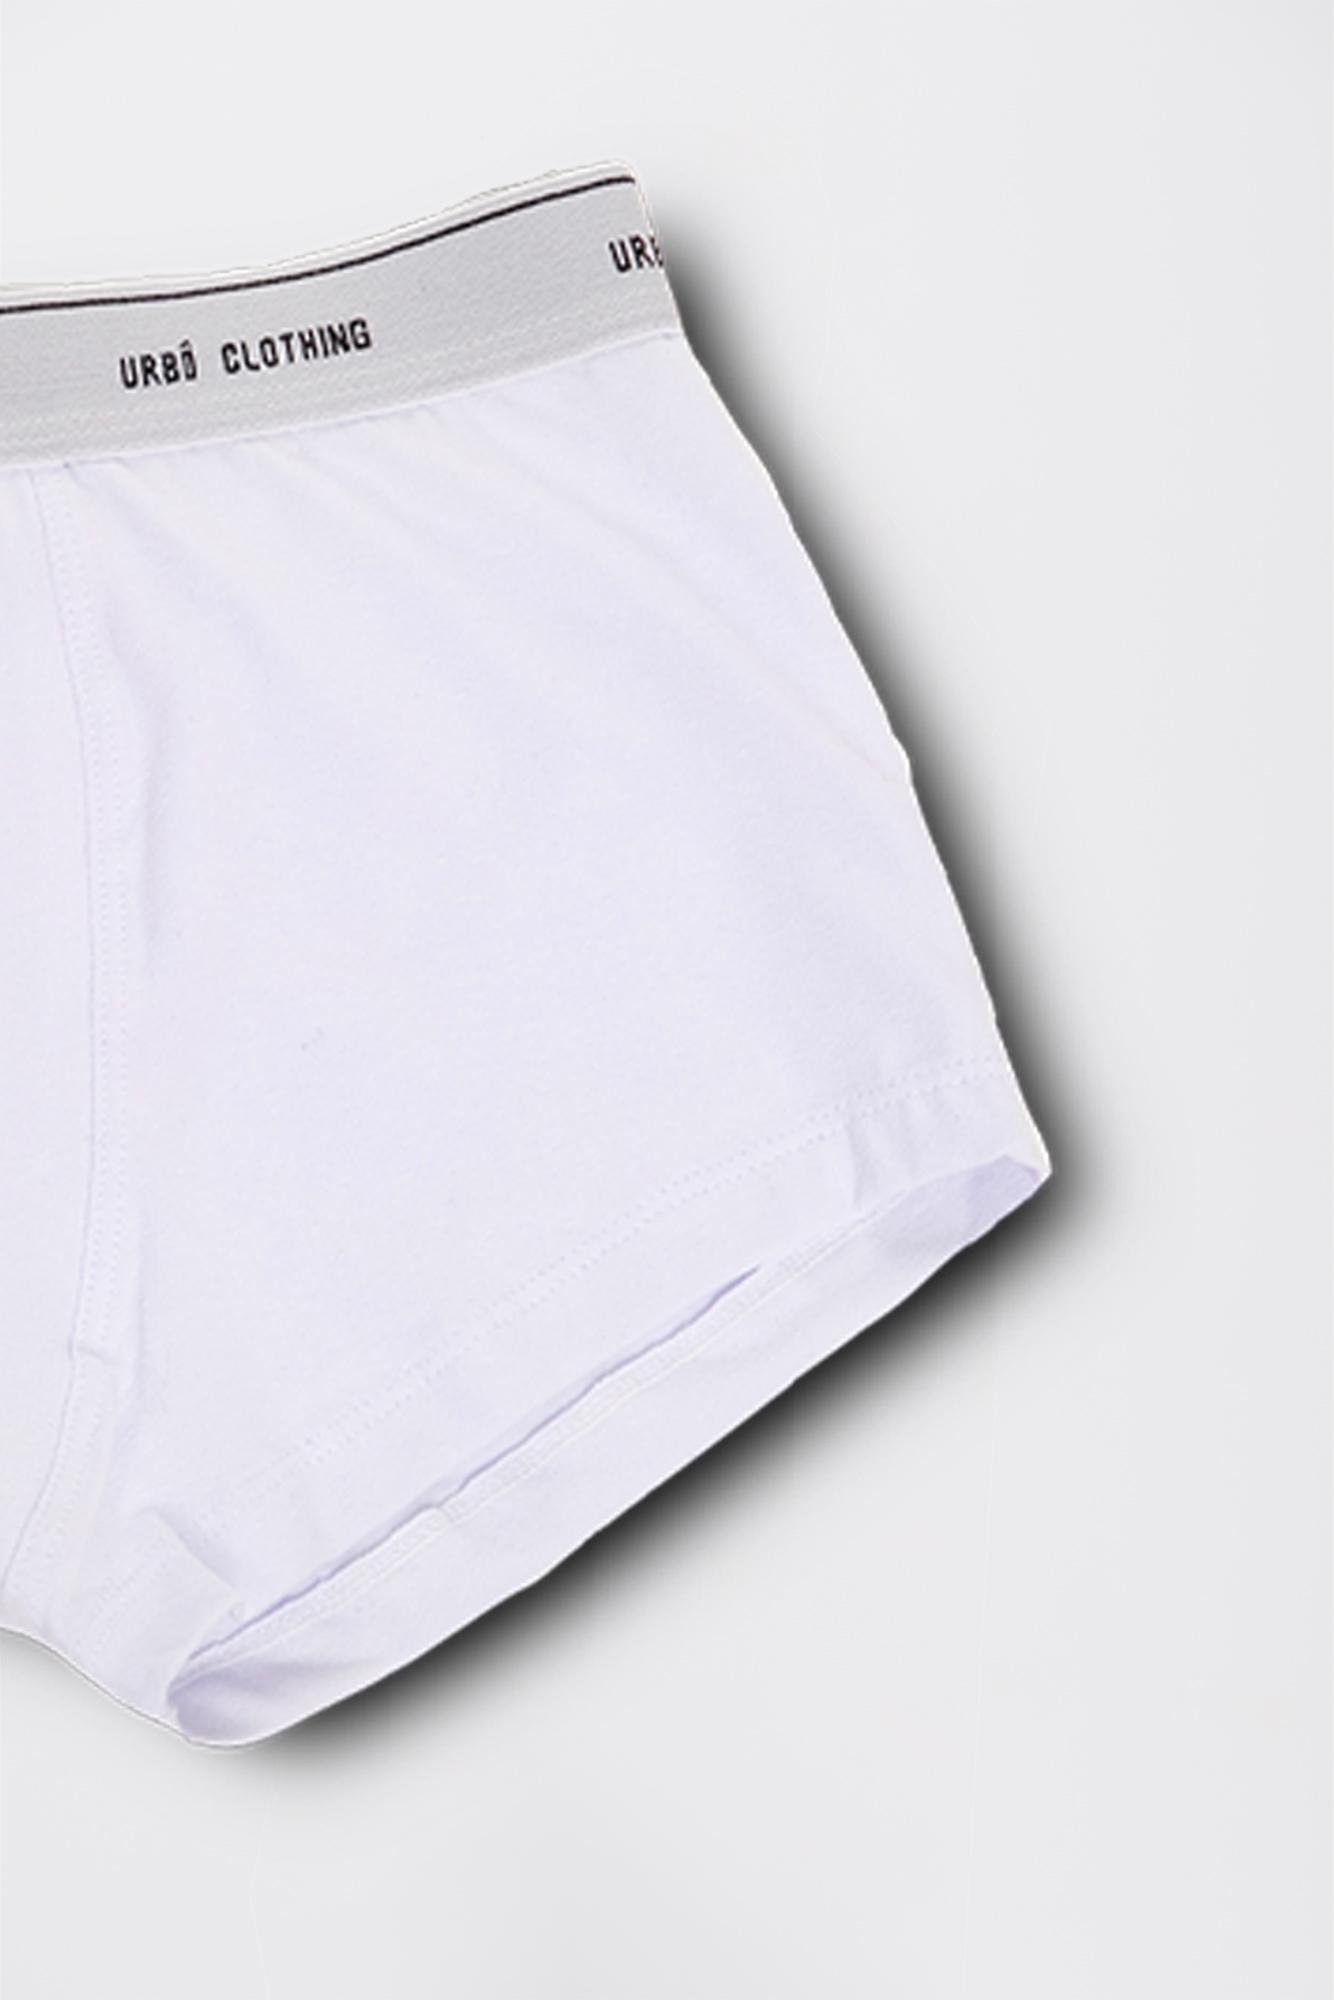 Cueca Branca/Cinza